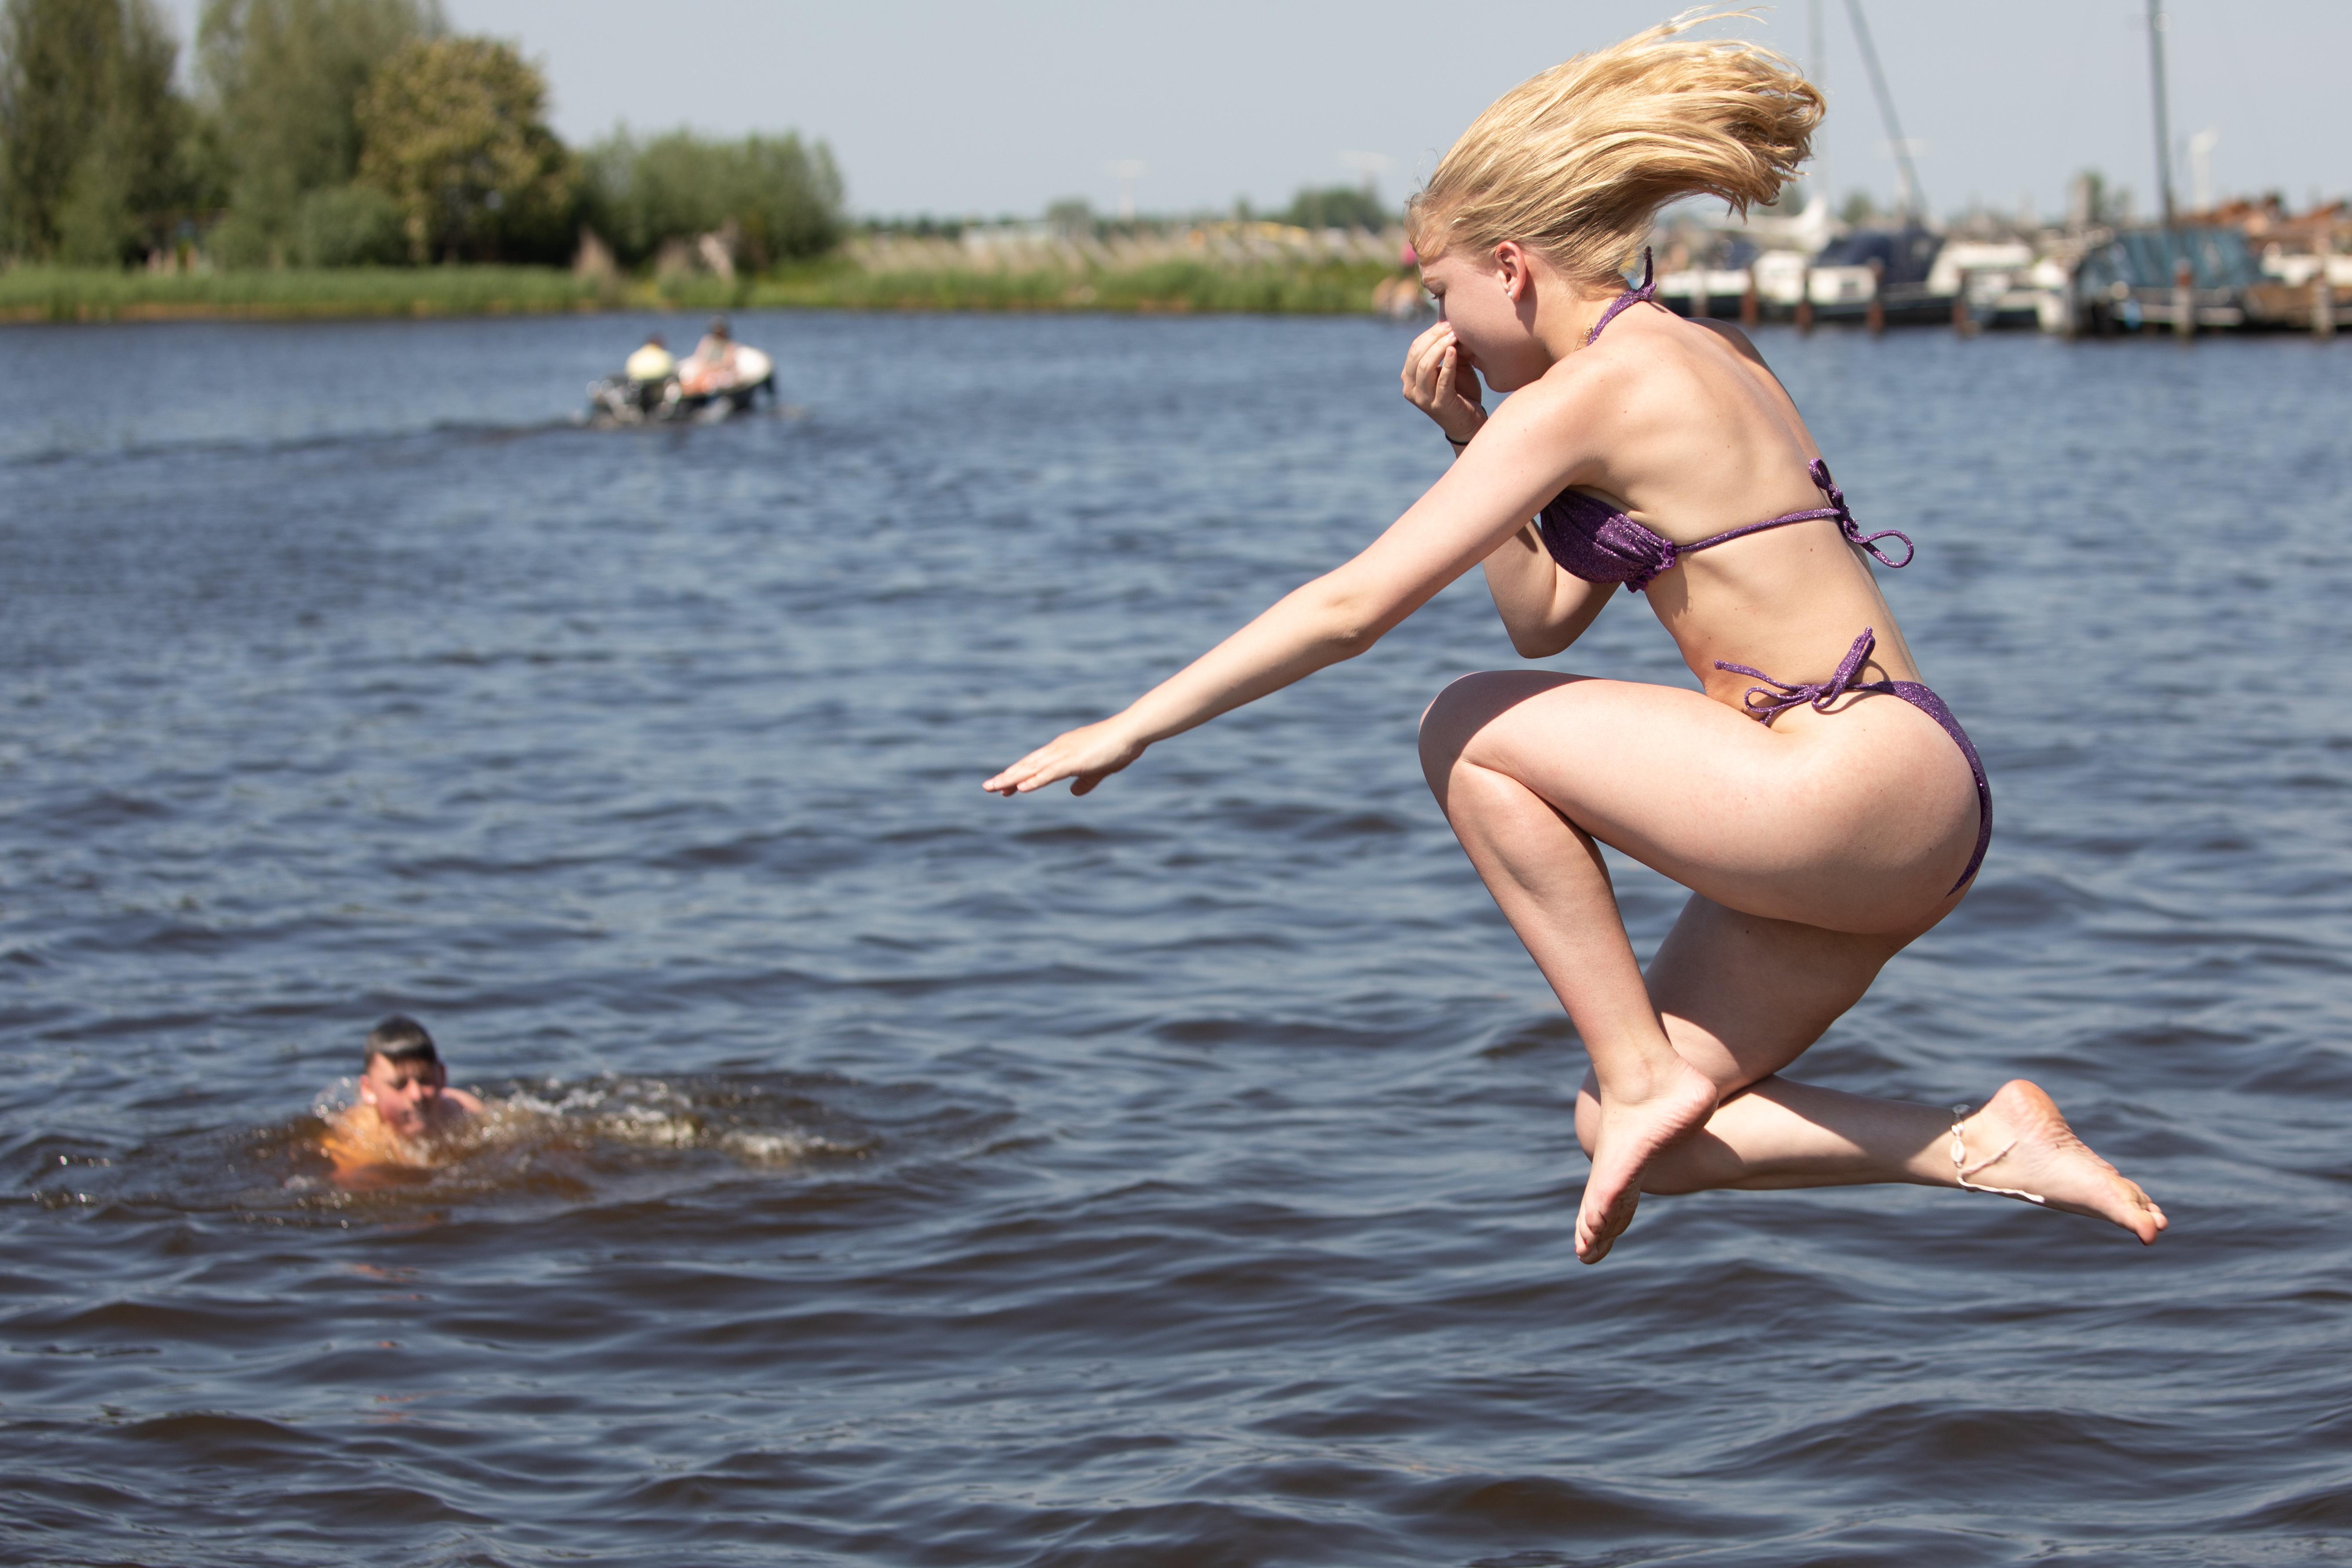 Koud? Ach, als je door bent is het best lekker!; Tientallen jongeren nemen verkoelende duik in de Eem